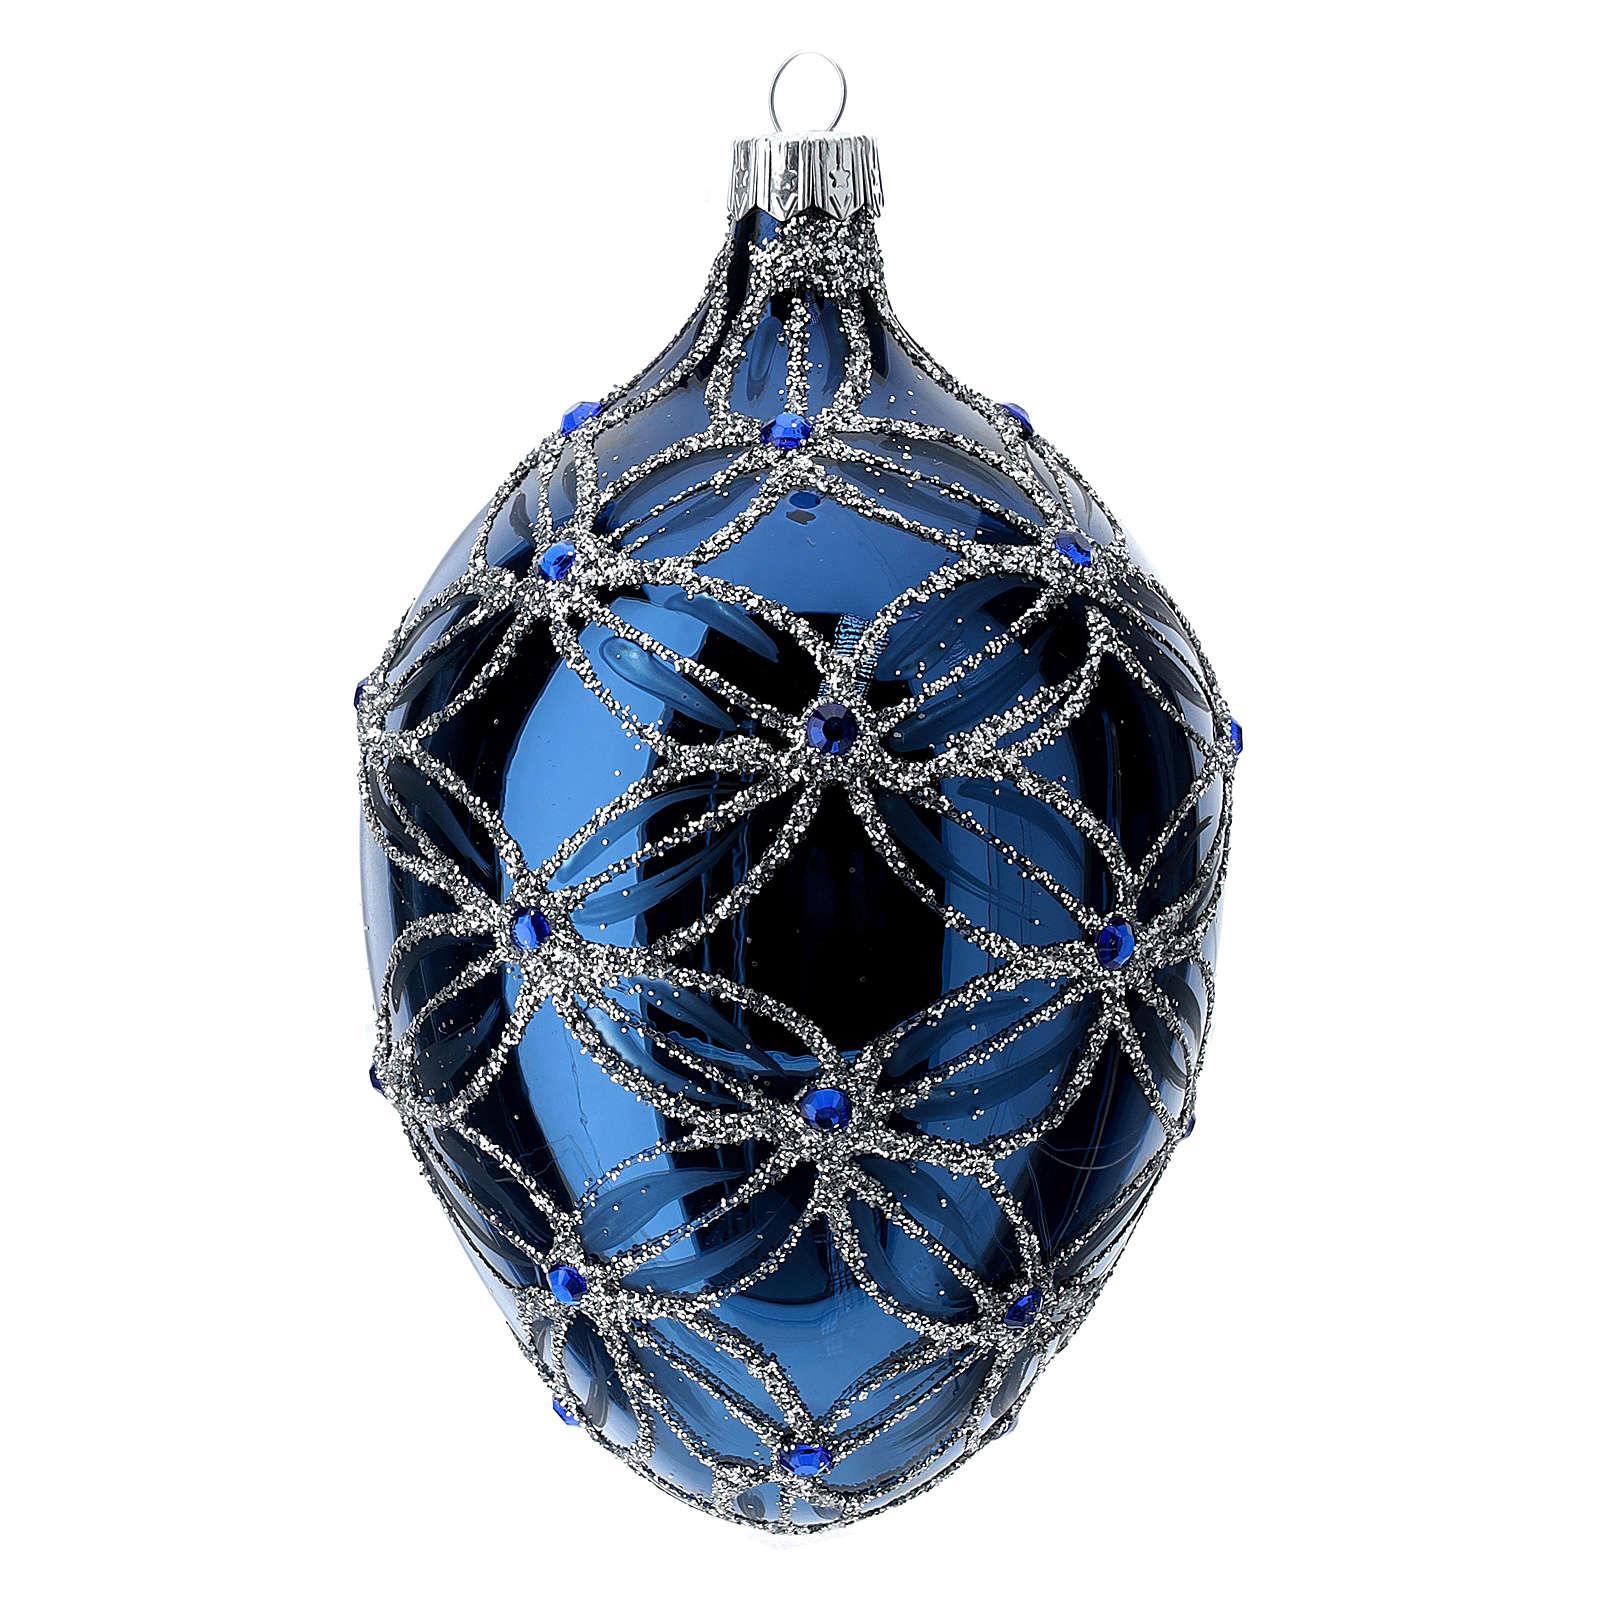 Bombka bożonarodzeniowa  szkło białe i niebieskie 130mm 4